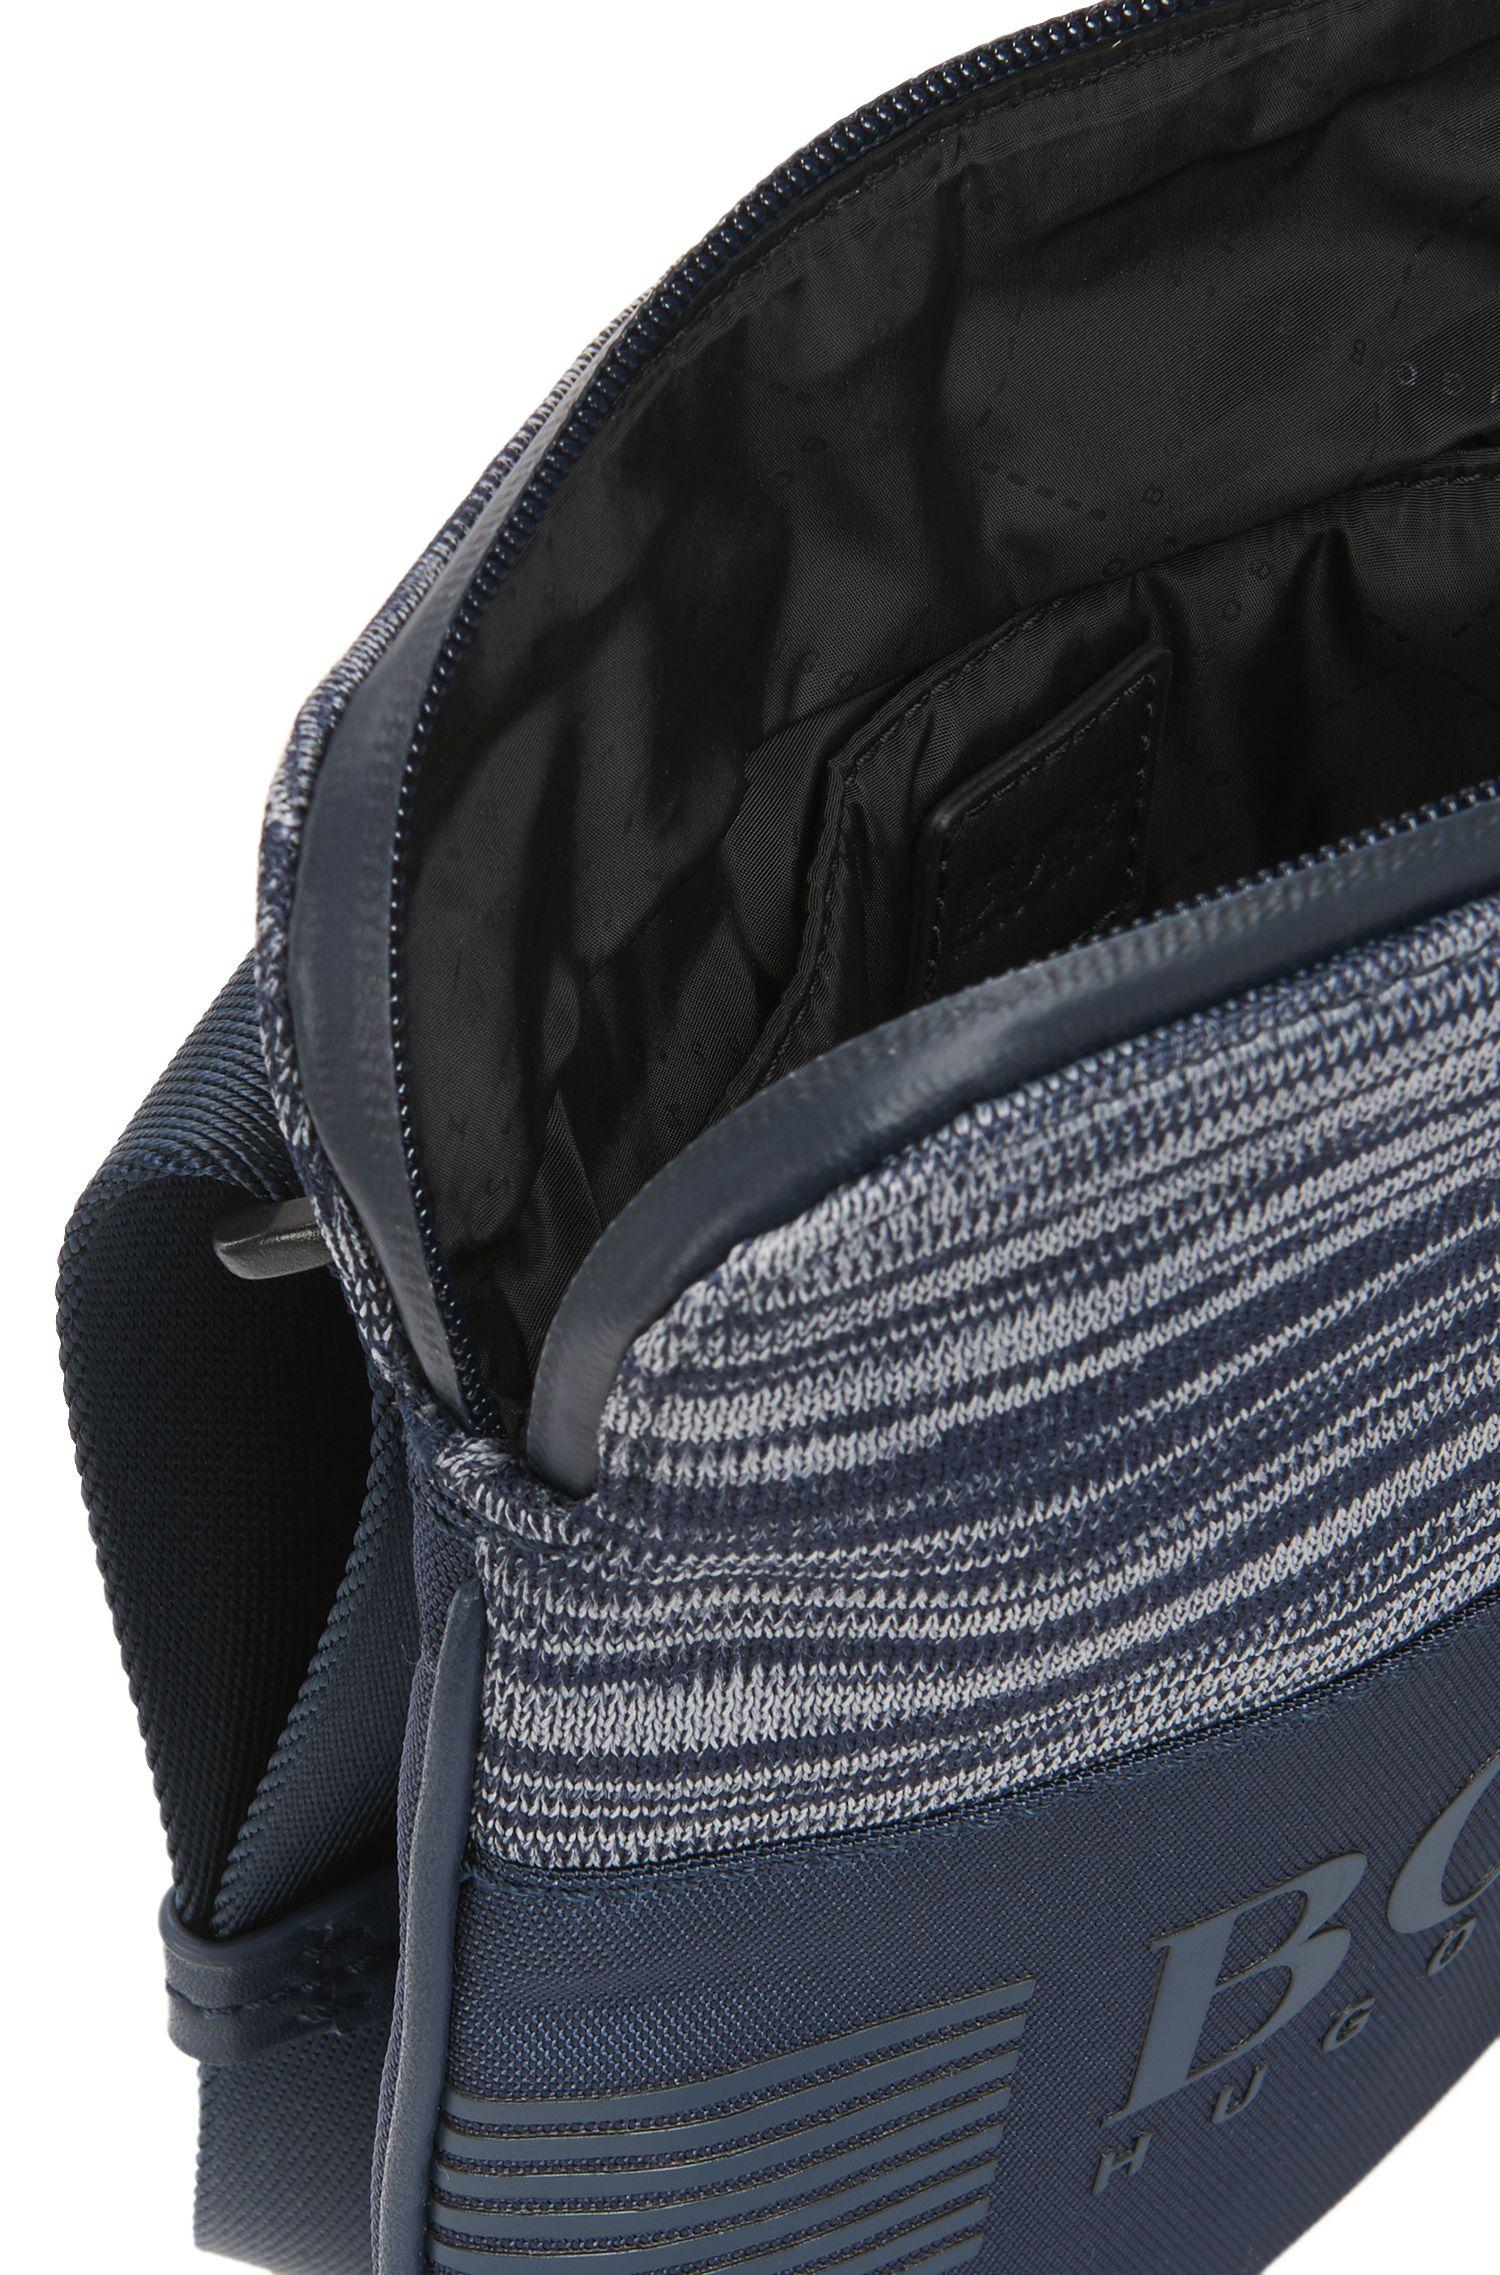 Nylon envelope bag with knitted melange panel